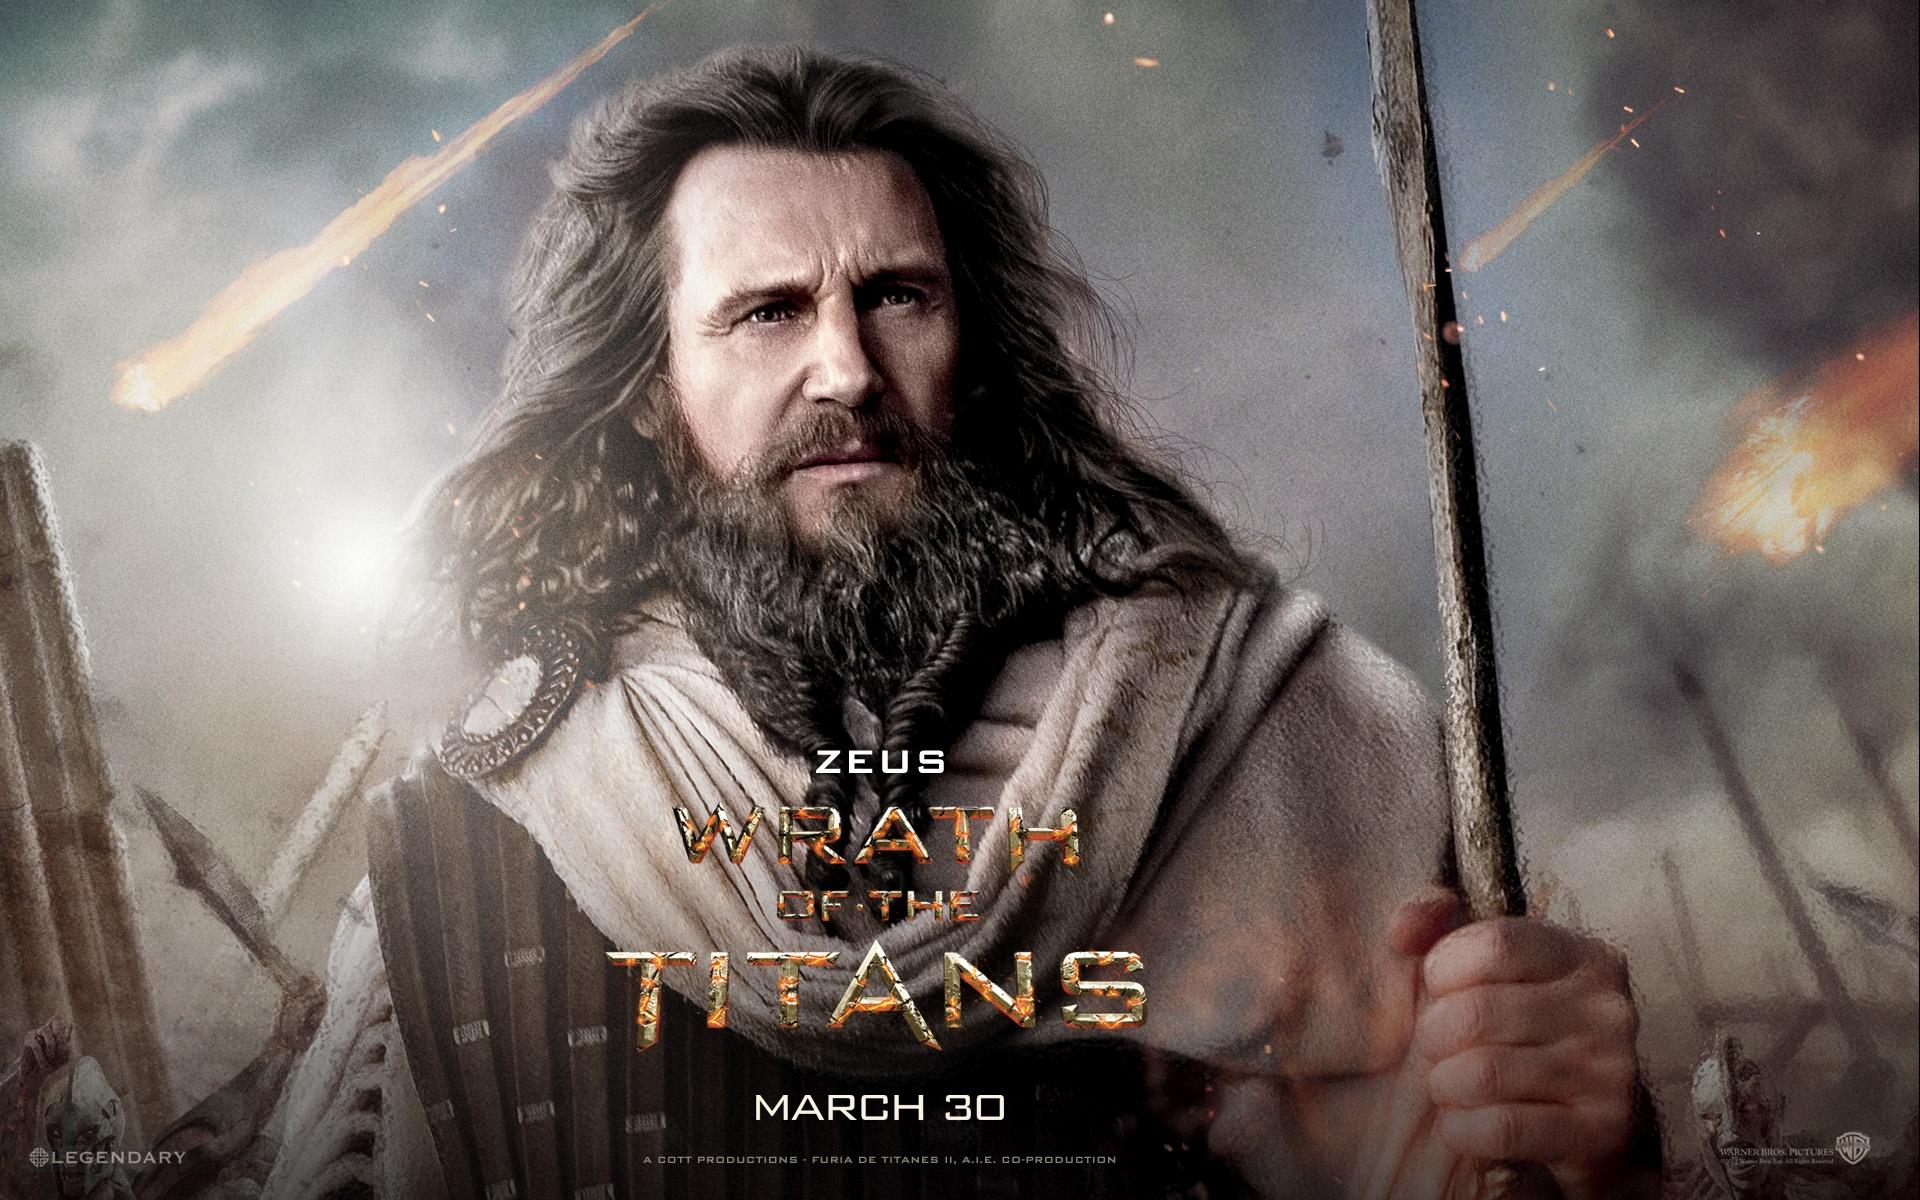 Liam-Neeson-in-Wrath-of-the-Titans 1920x1200 jpgLiam Neeson Wrath Of The Titans